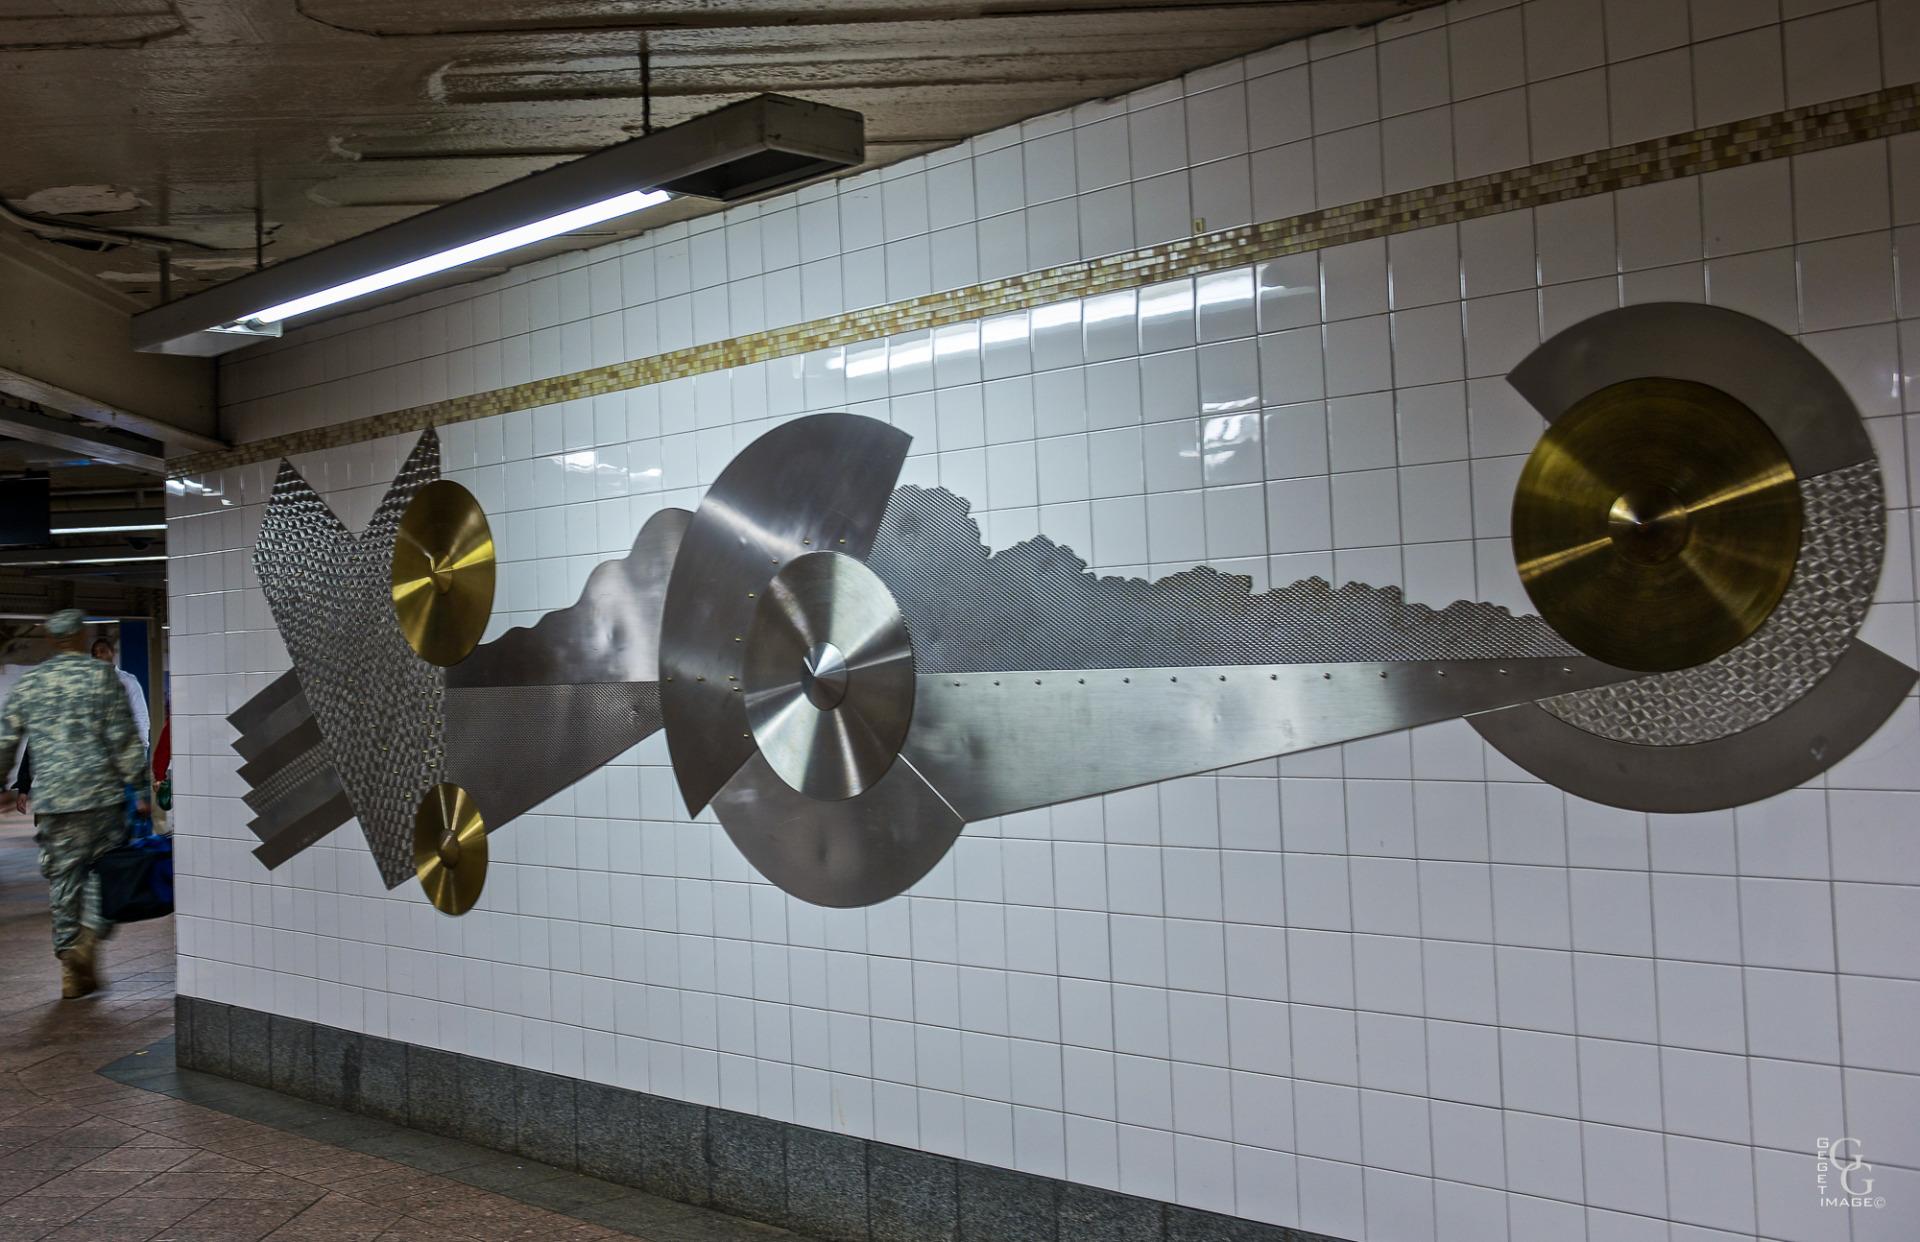 L'art dans le métro 2